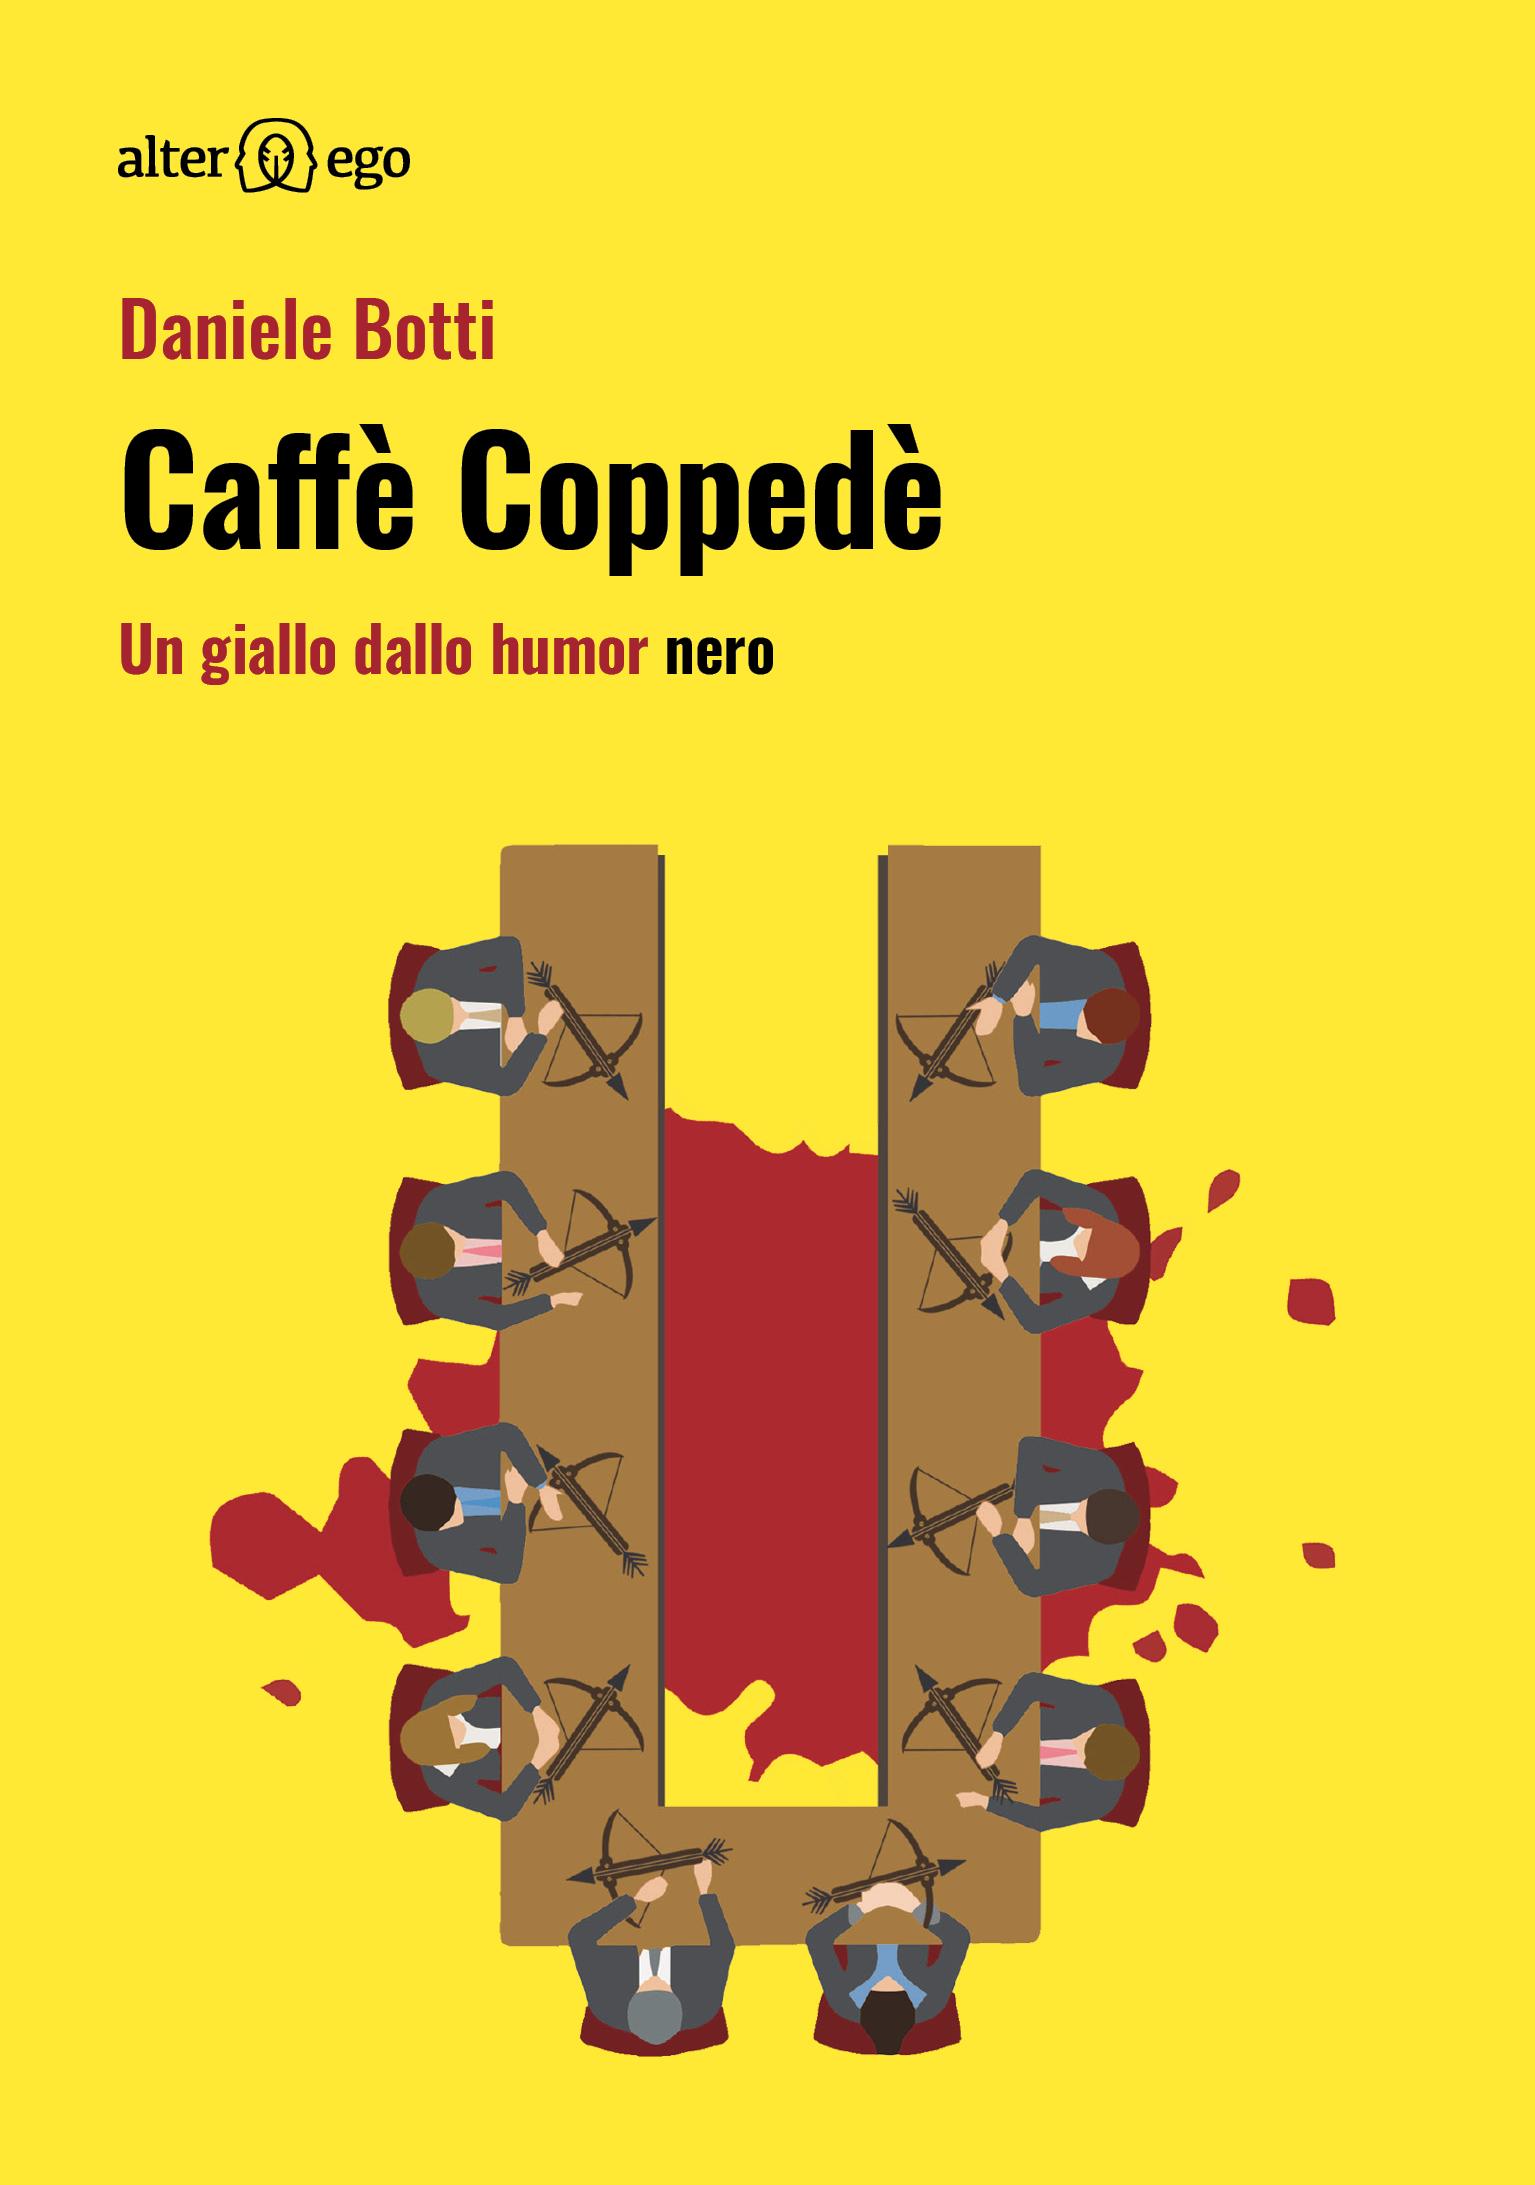 Caffè Coppedè ECO